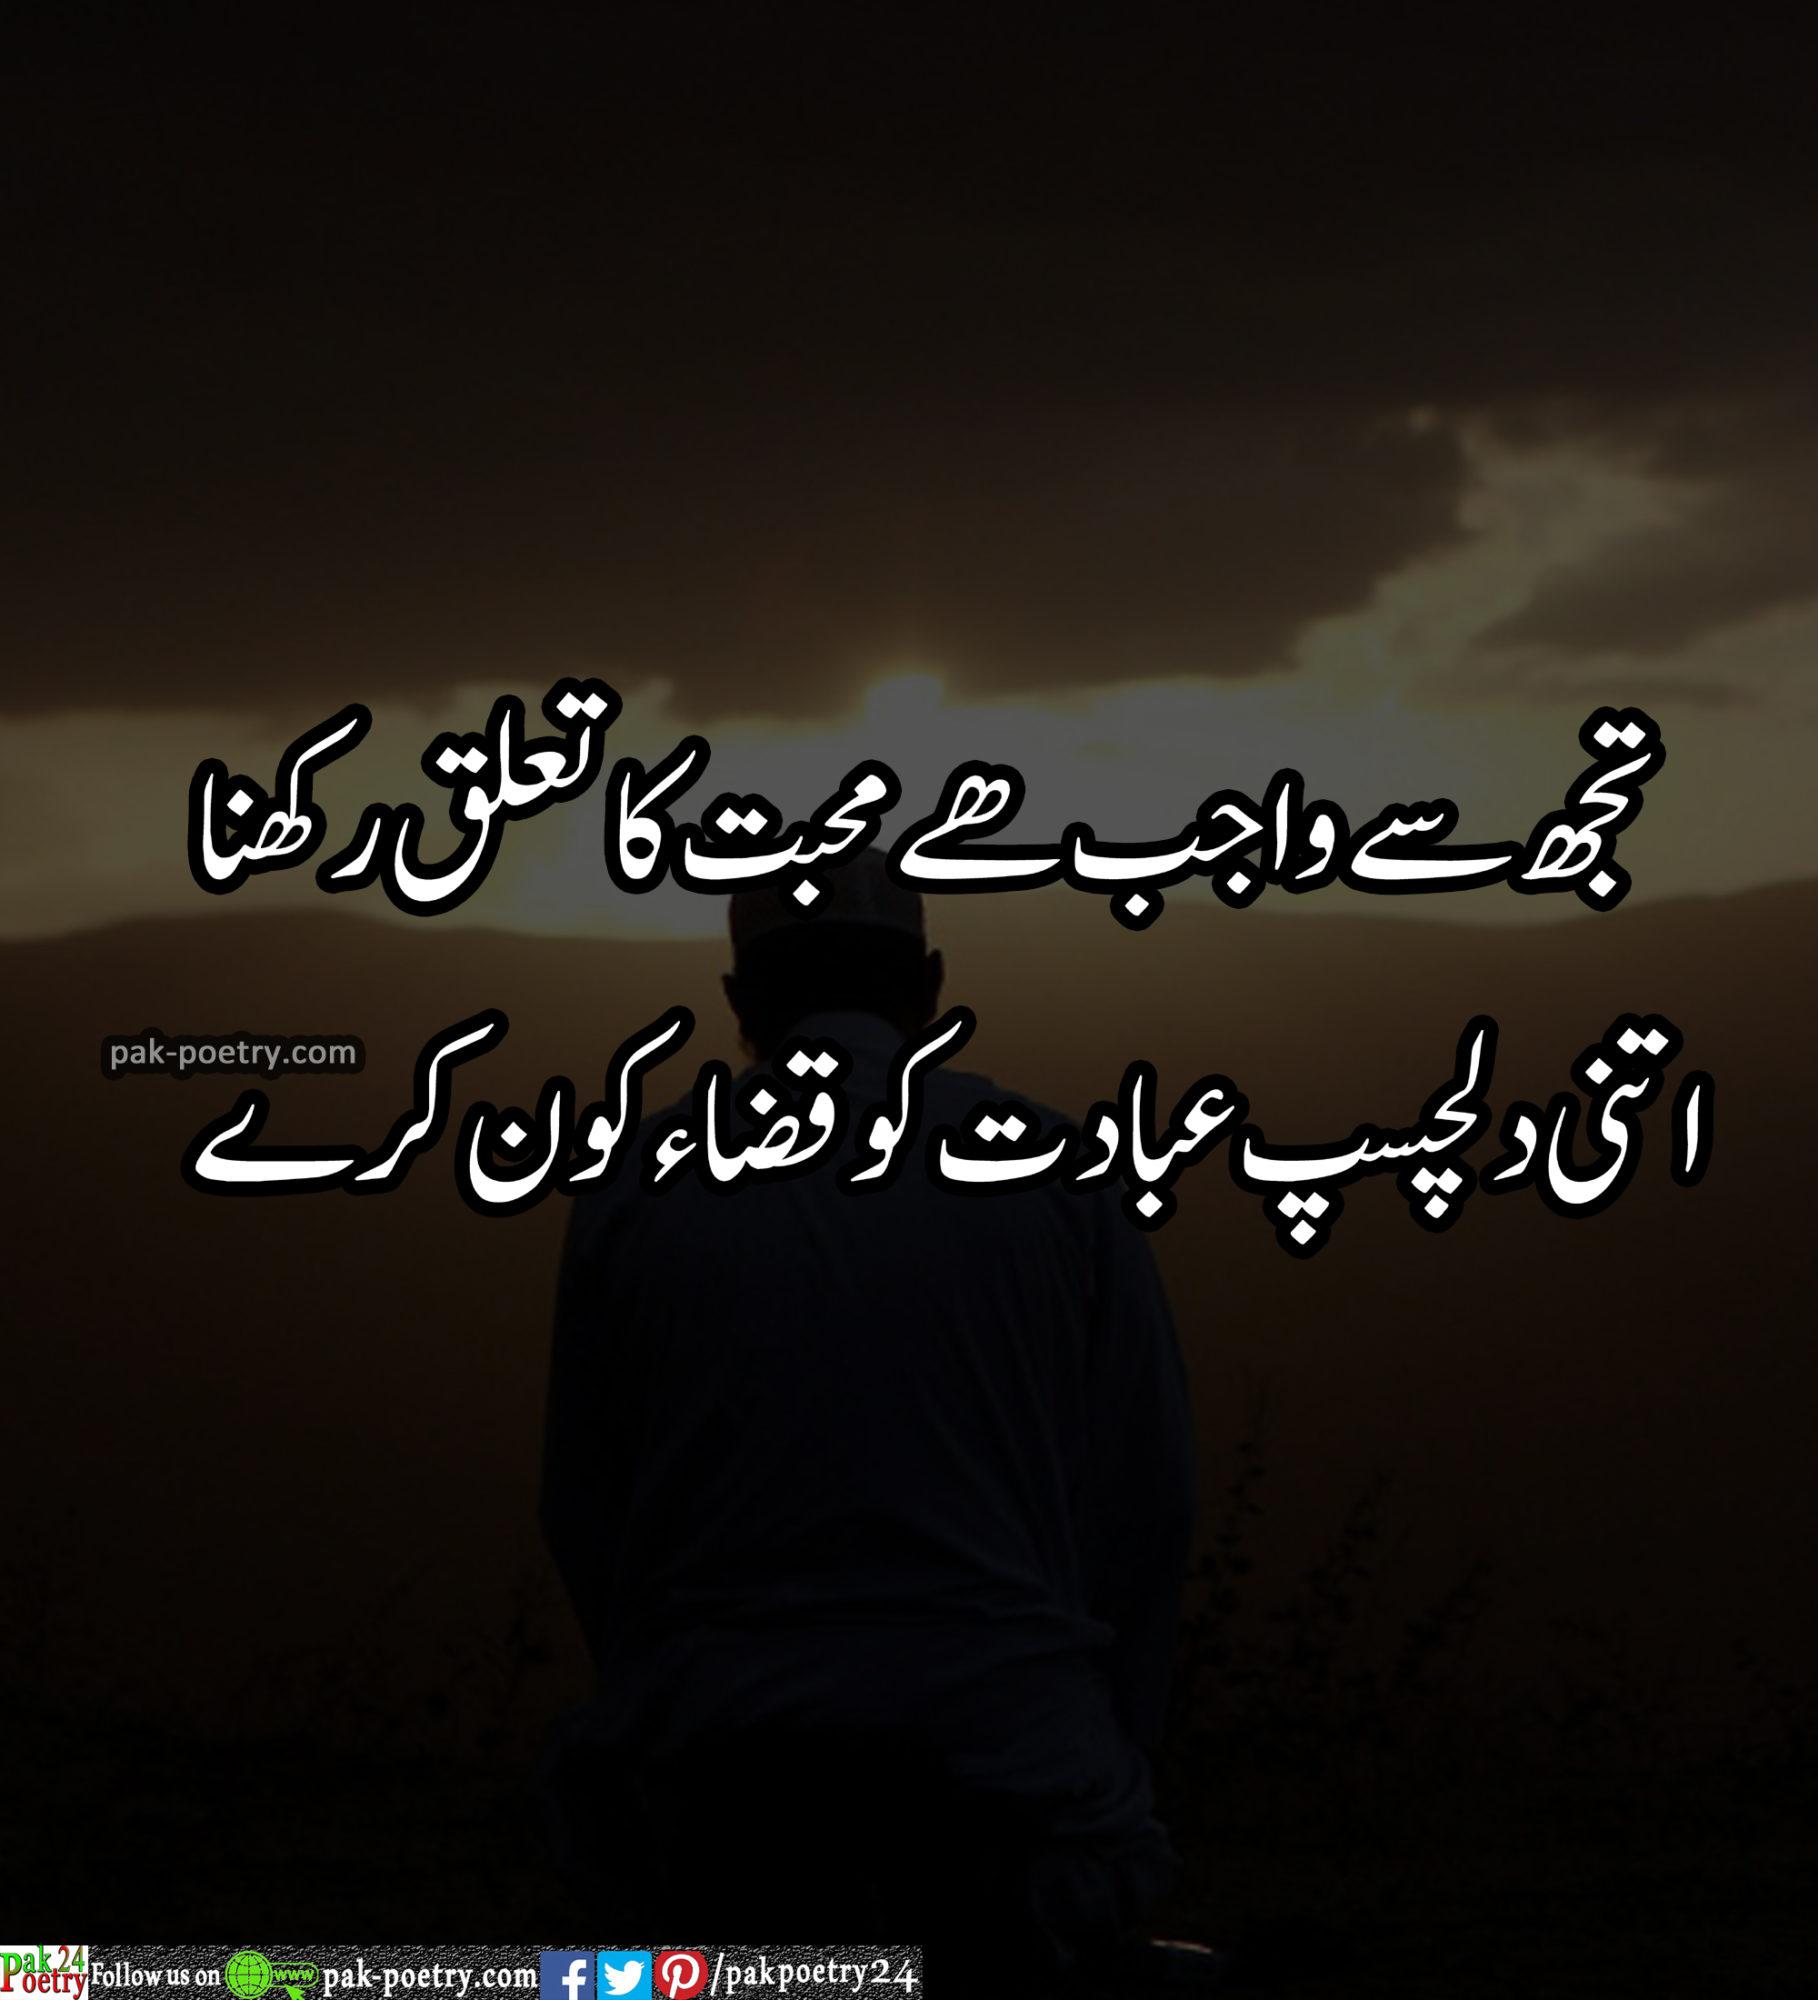 islamic poetry pics